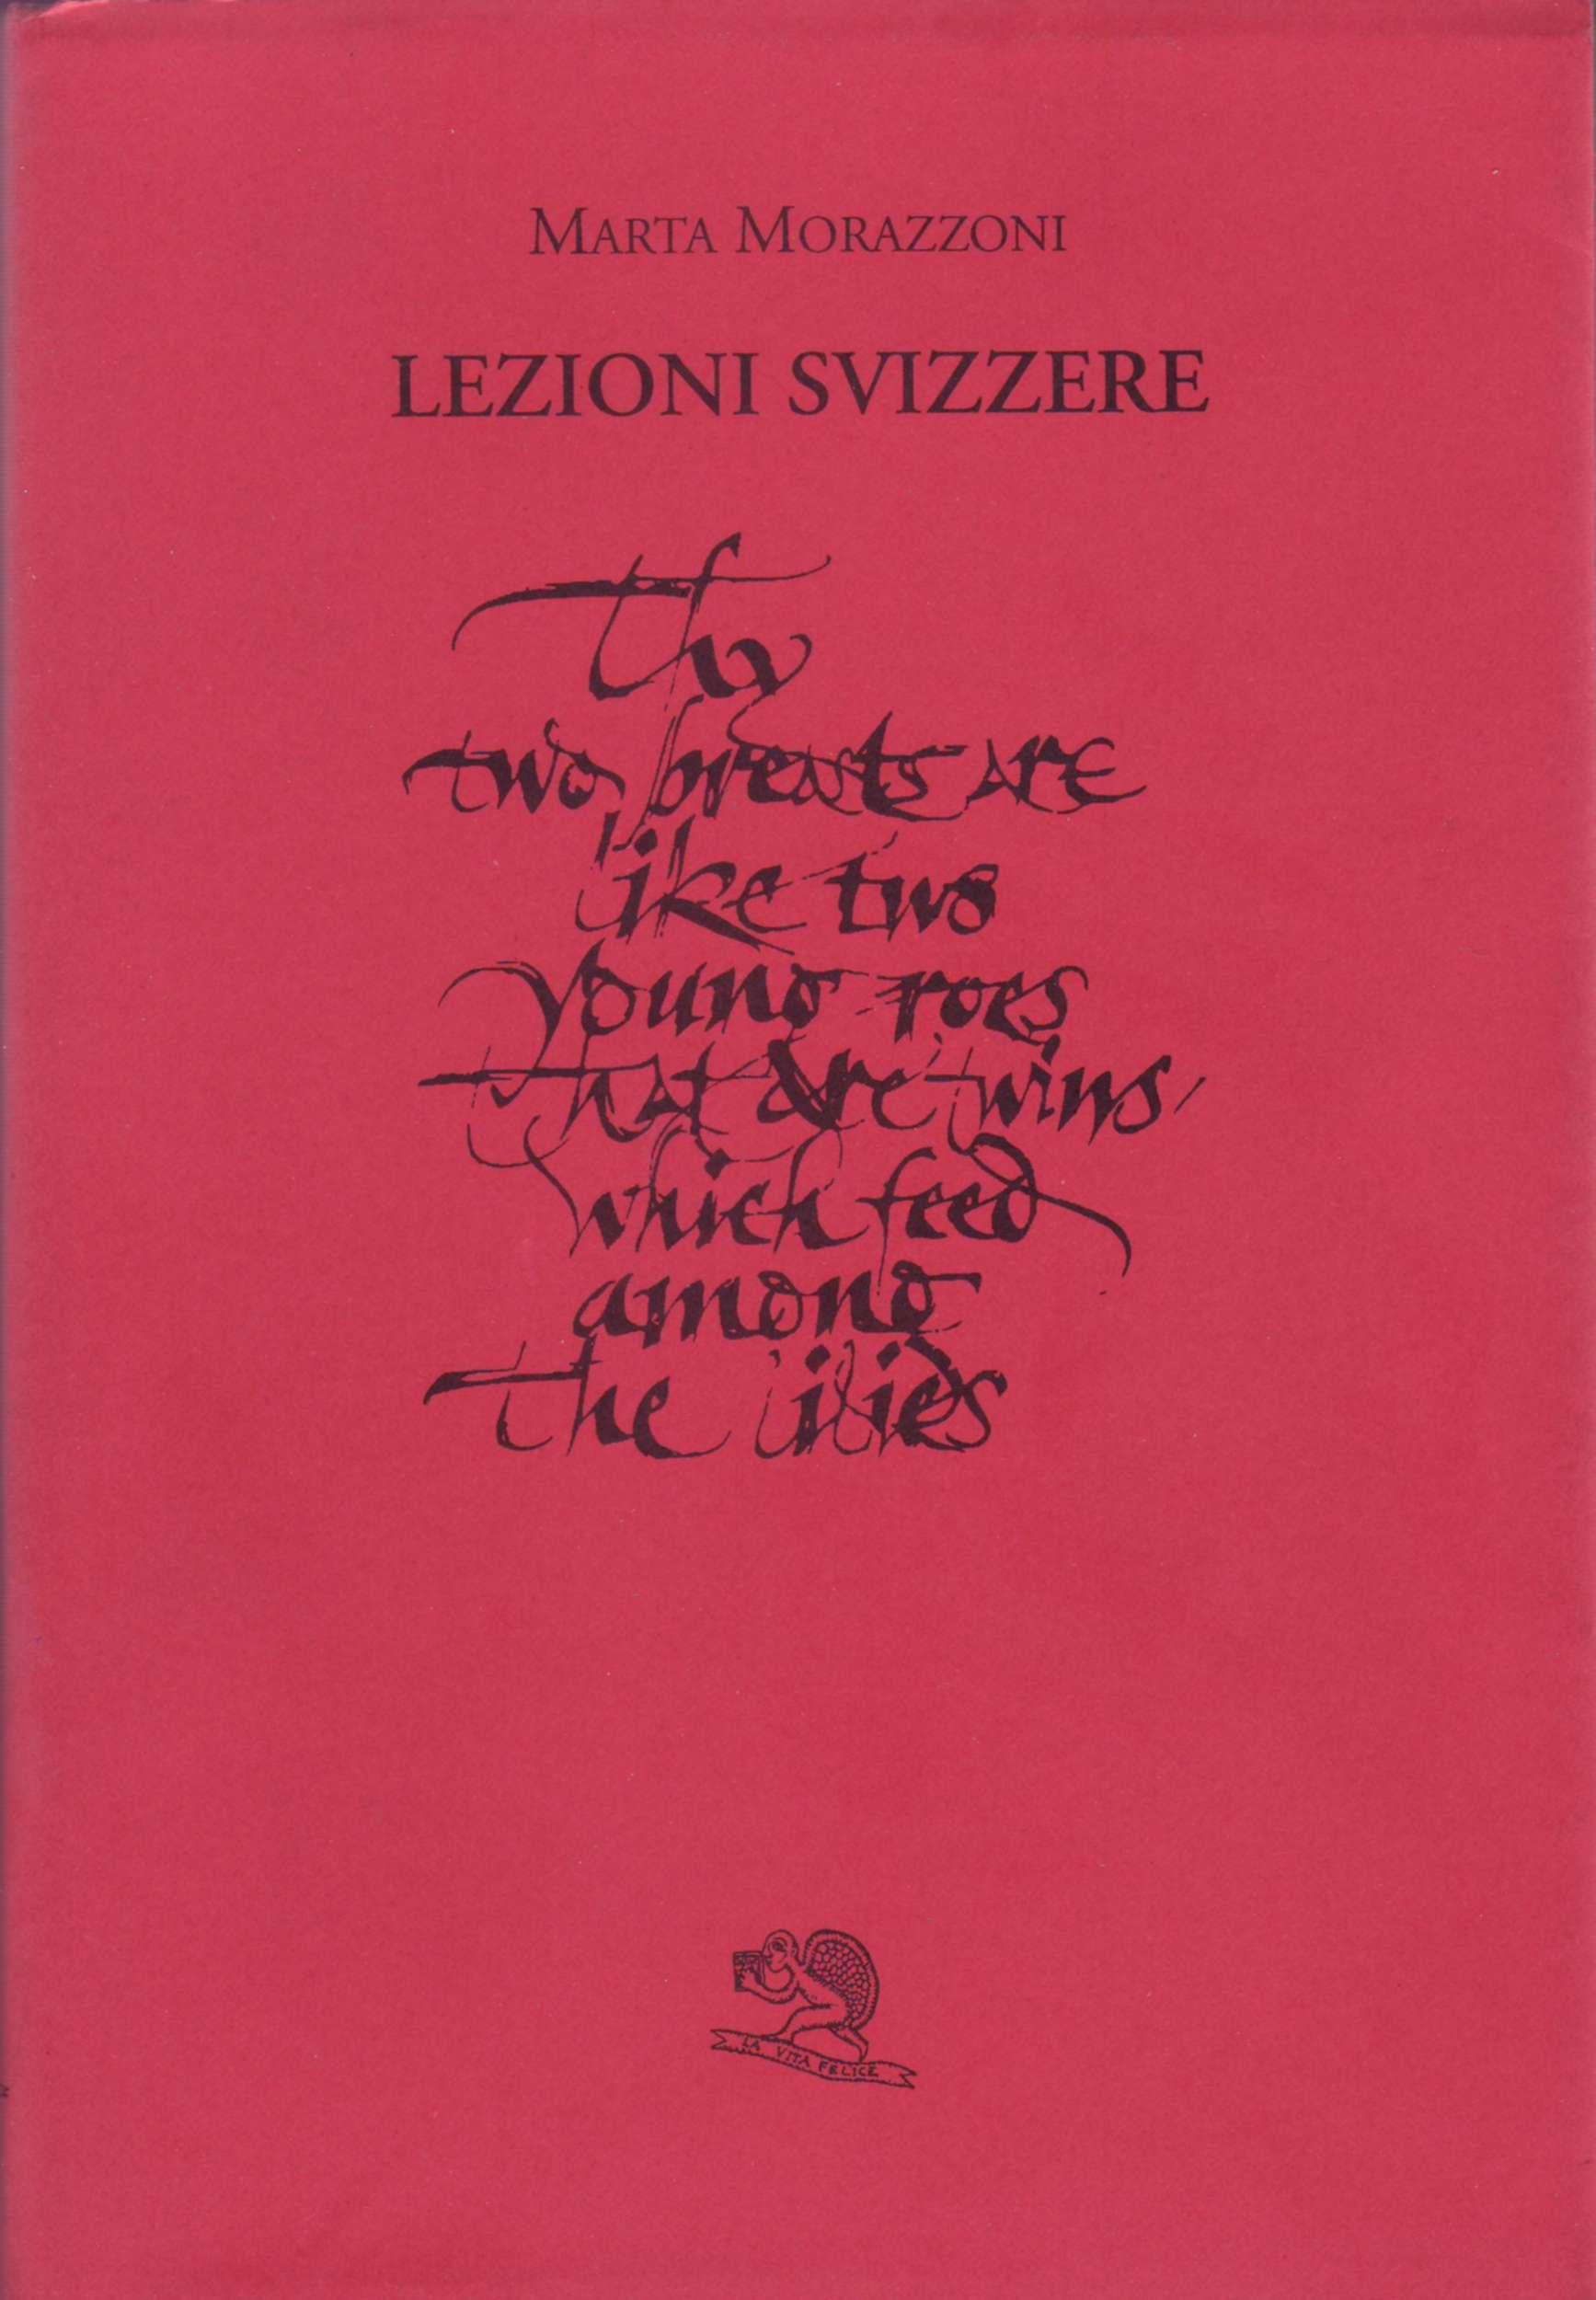 Lezioni svizzere